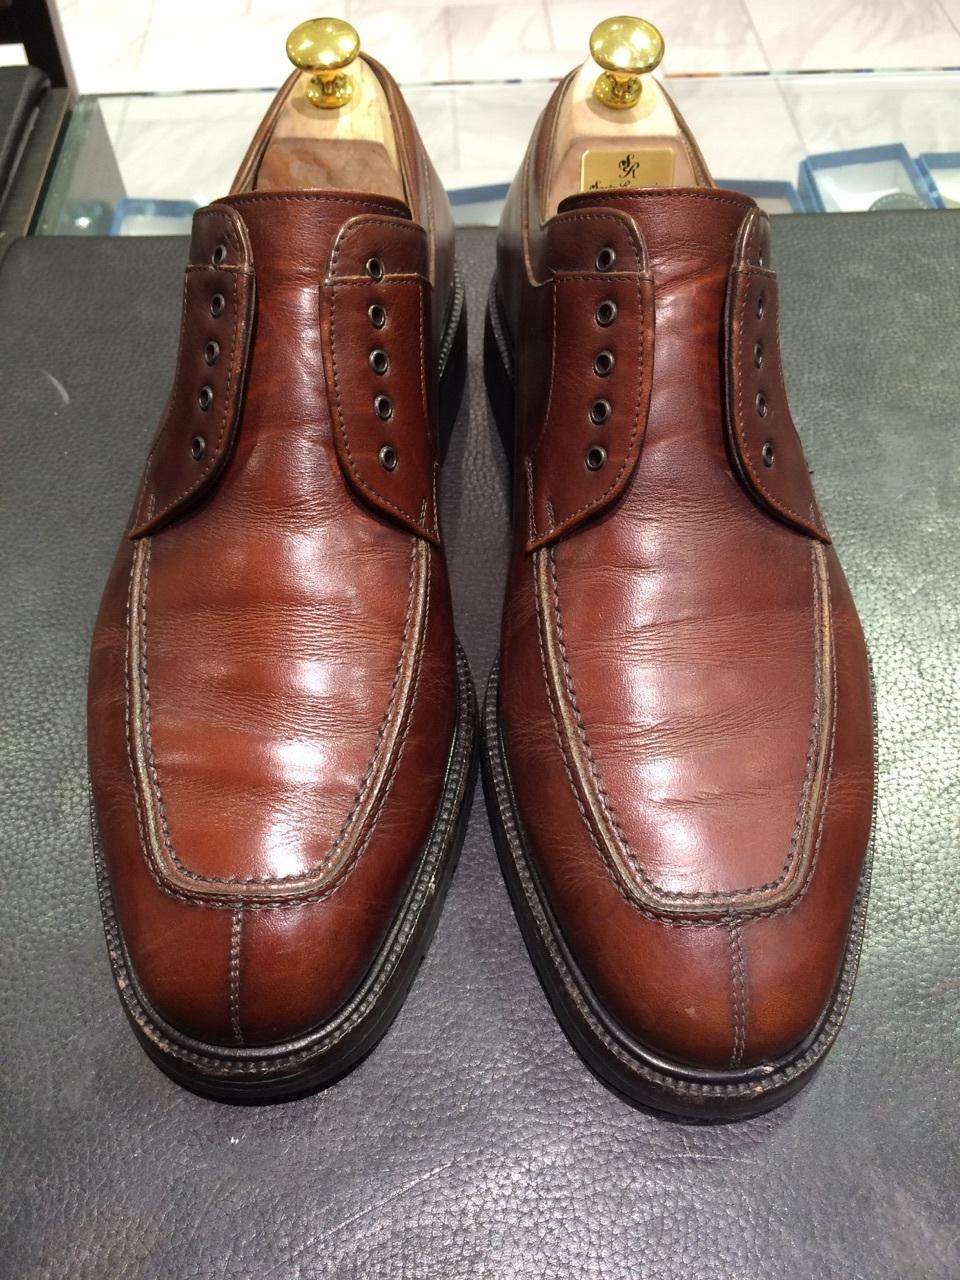 茶色の靴にはどっちのクリーム?_b0226322_13025355.jpg